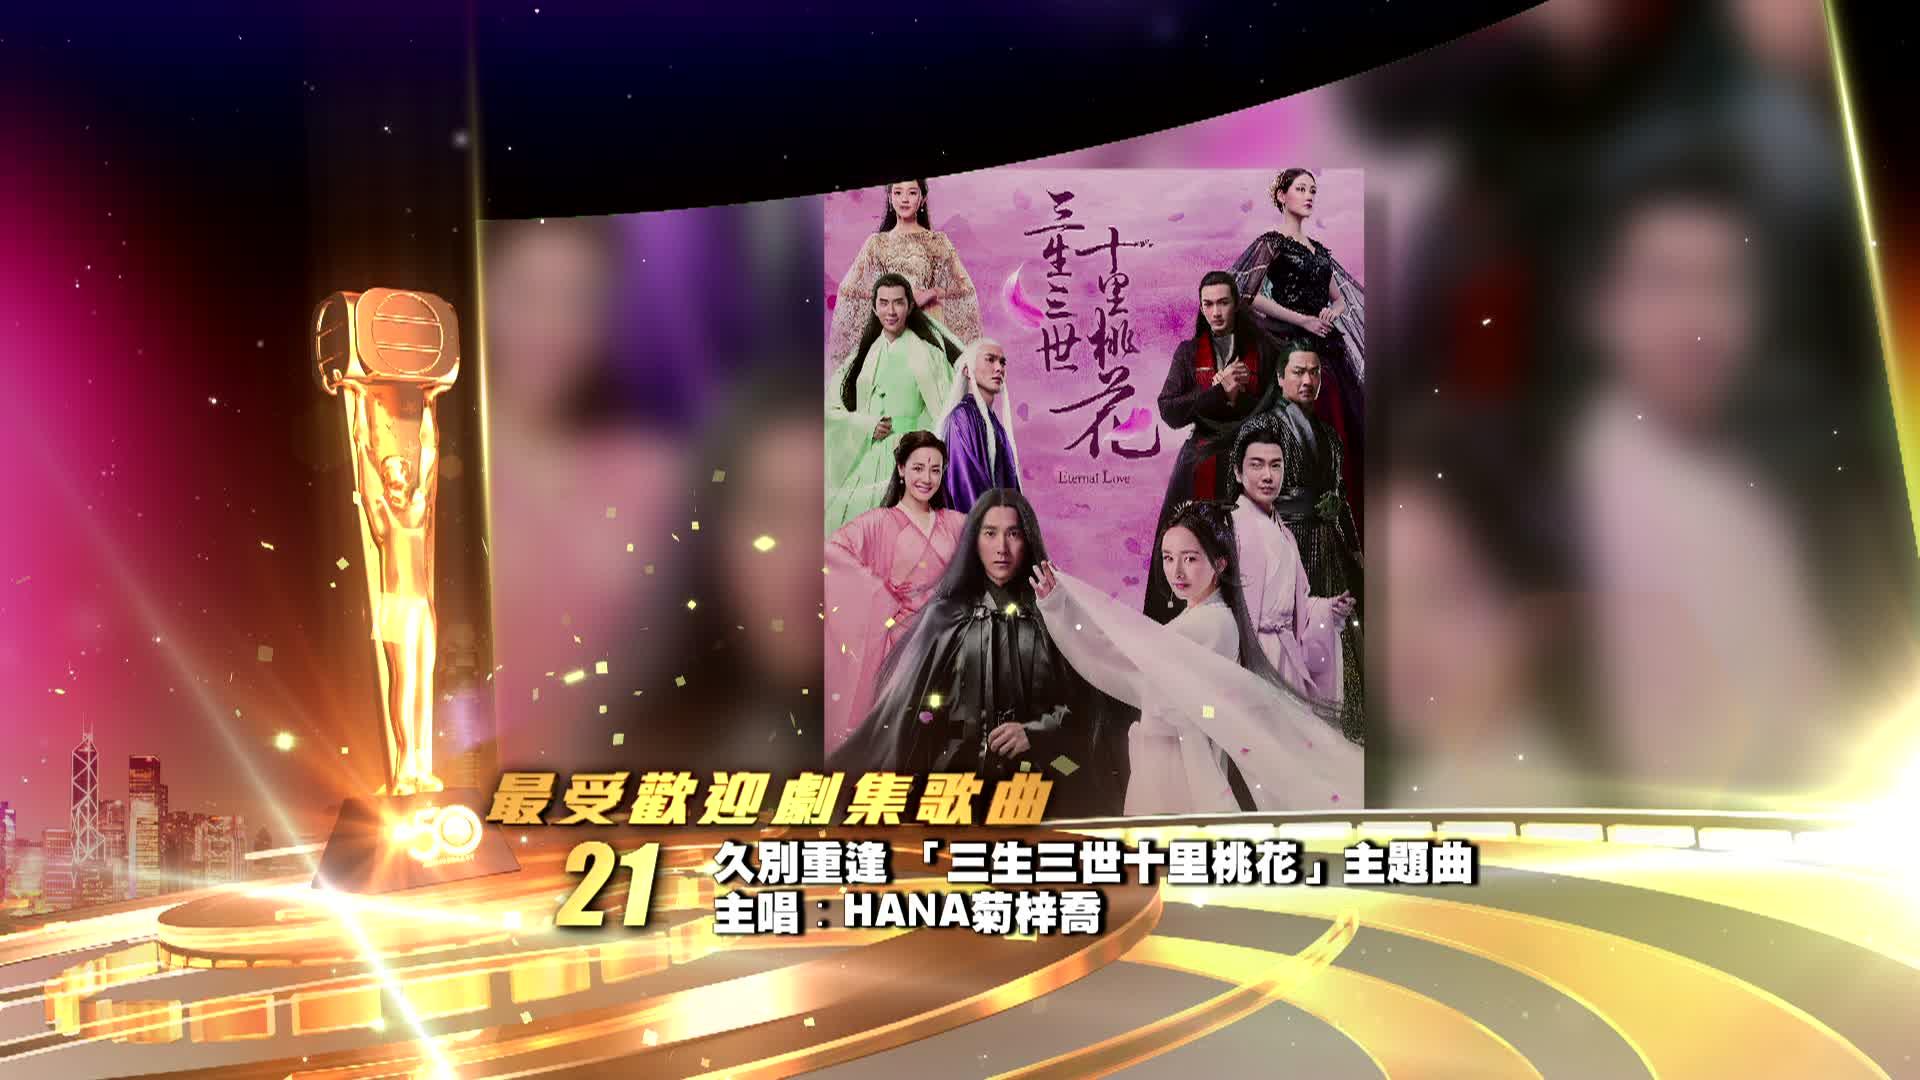 21. HANA菊梓喬-久別重逢《三生三世十里桃花》主題曲